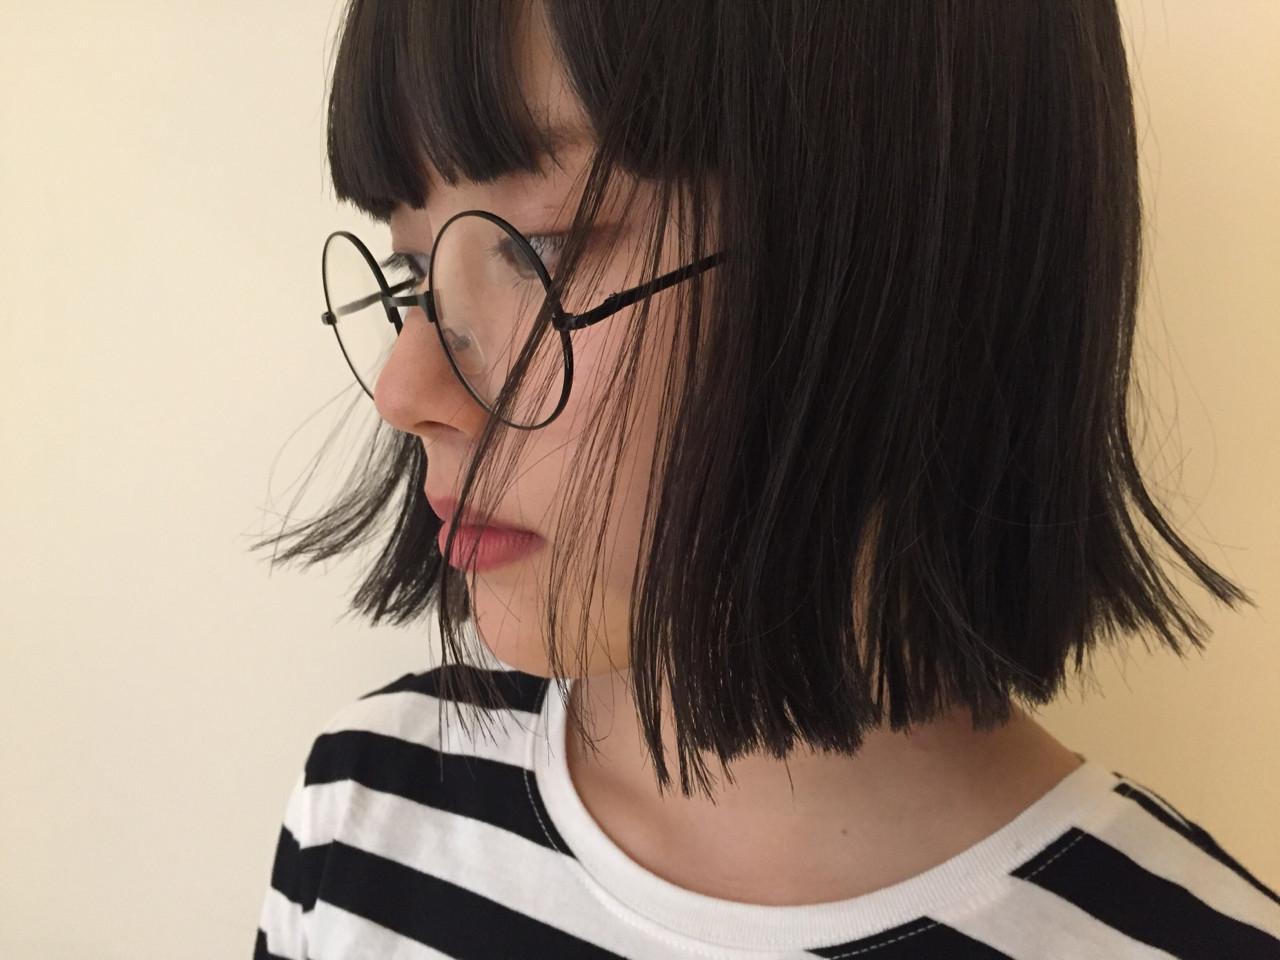 モード ブラントカット 抜け感 ボブ ヘアスタイルや髪型の写真・画像